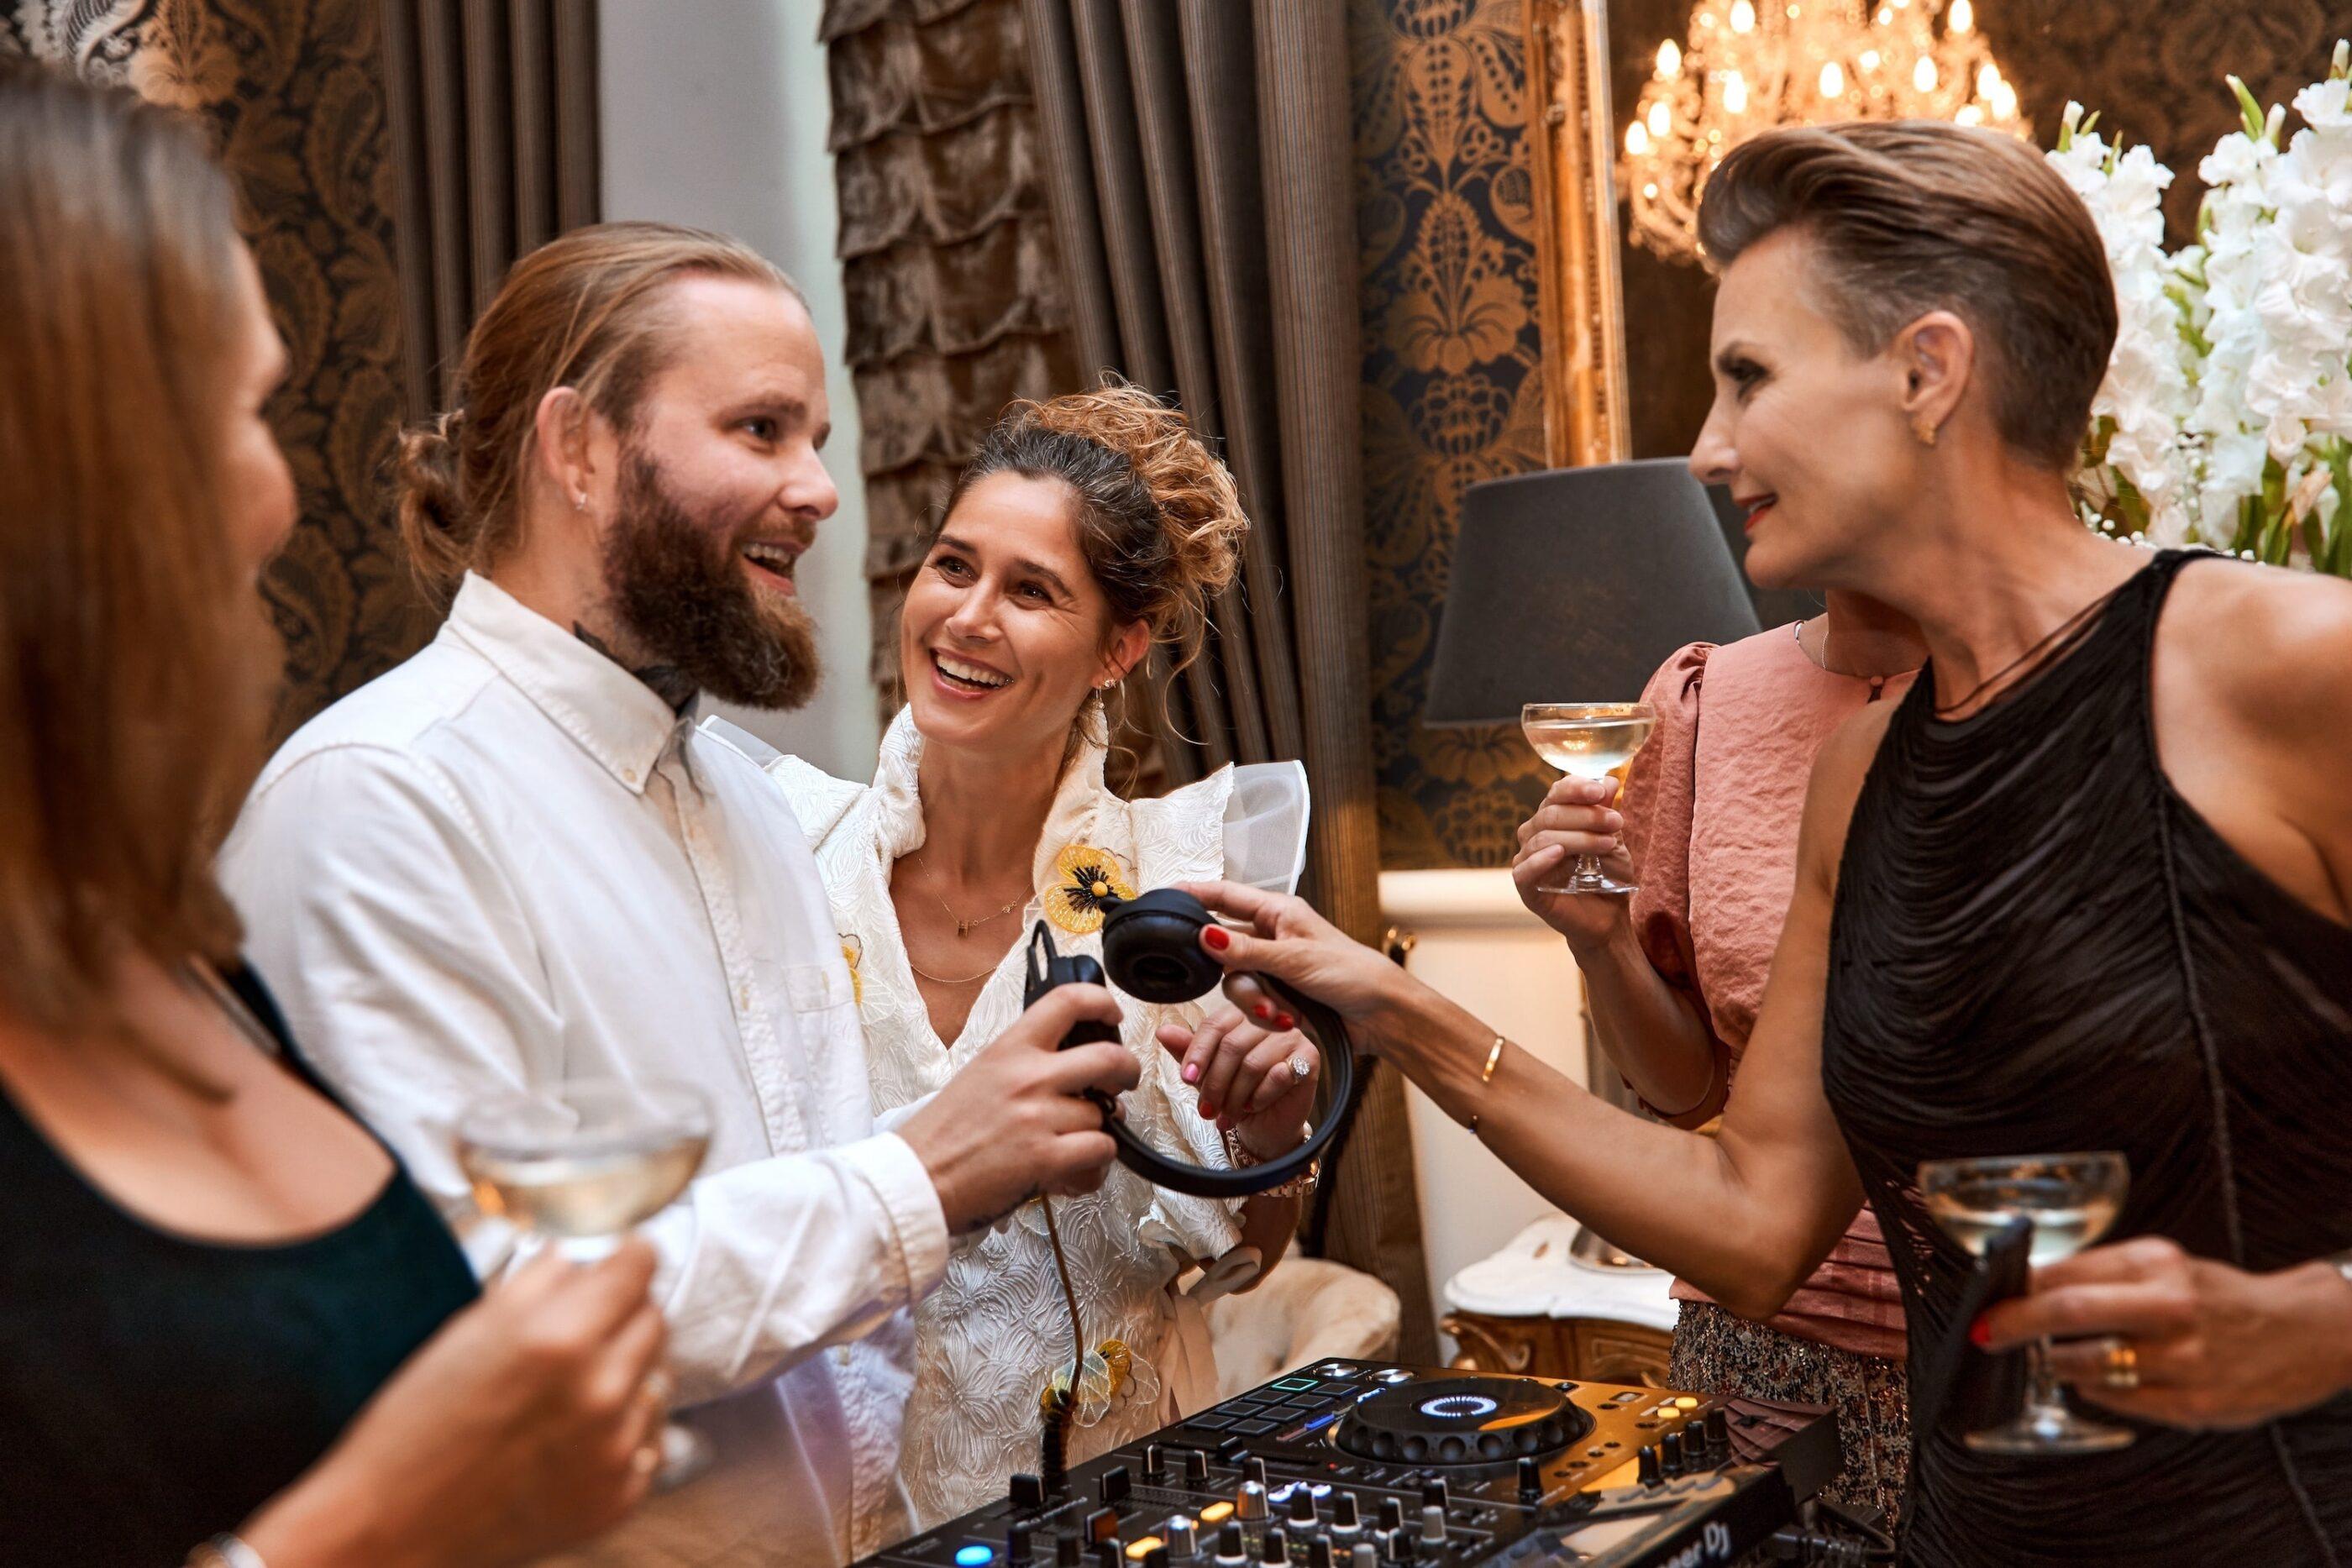 Under festen står 4 kvinder og snakker med DJ'en mens de har champagne glas i hænderne